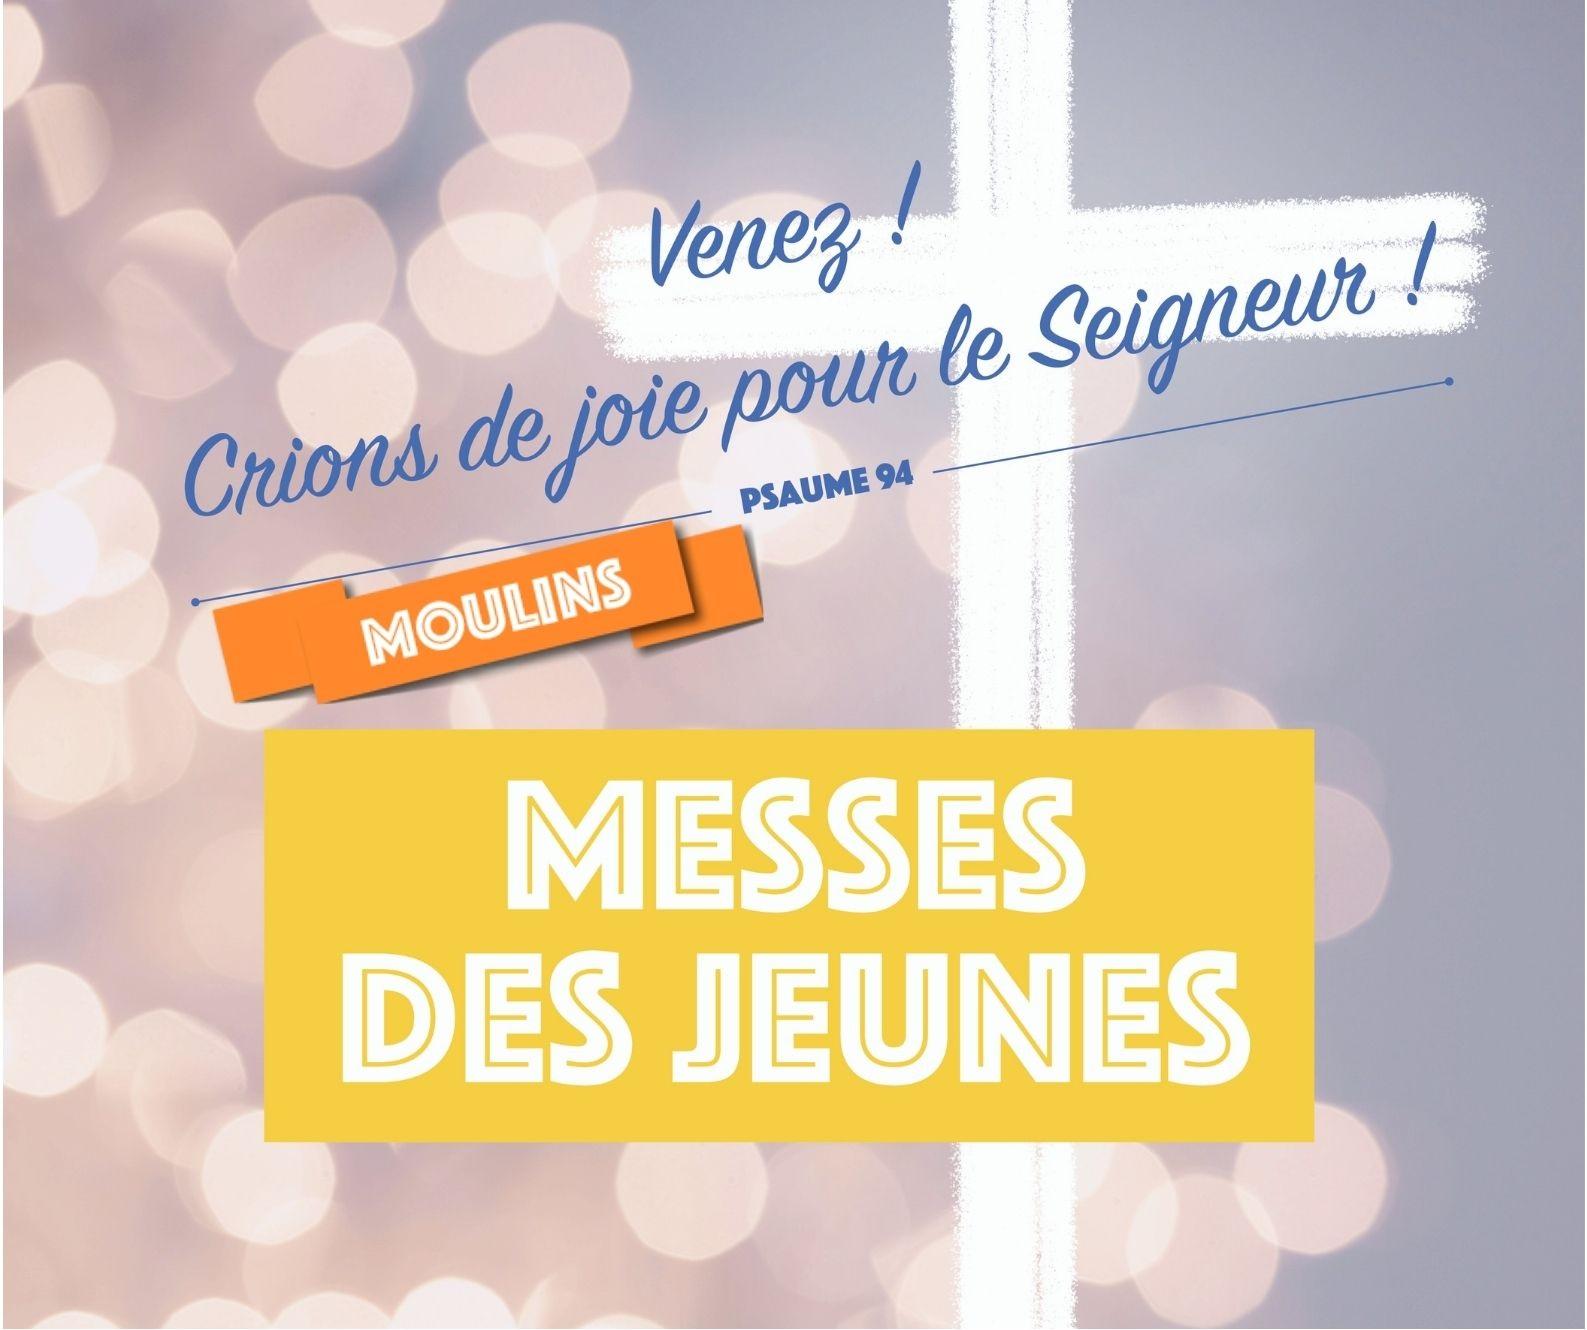 La messe des aumôneries de Moulins